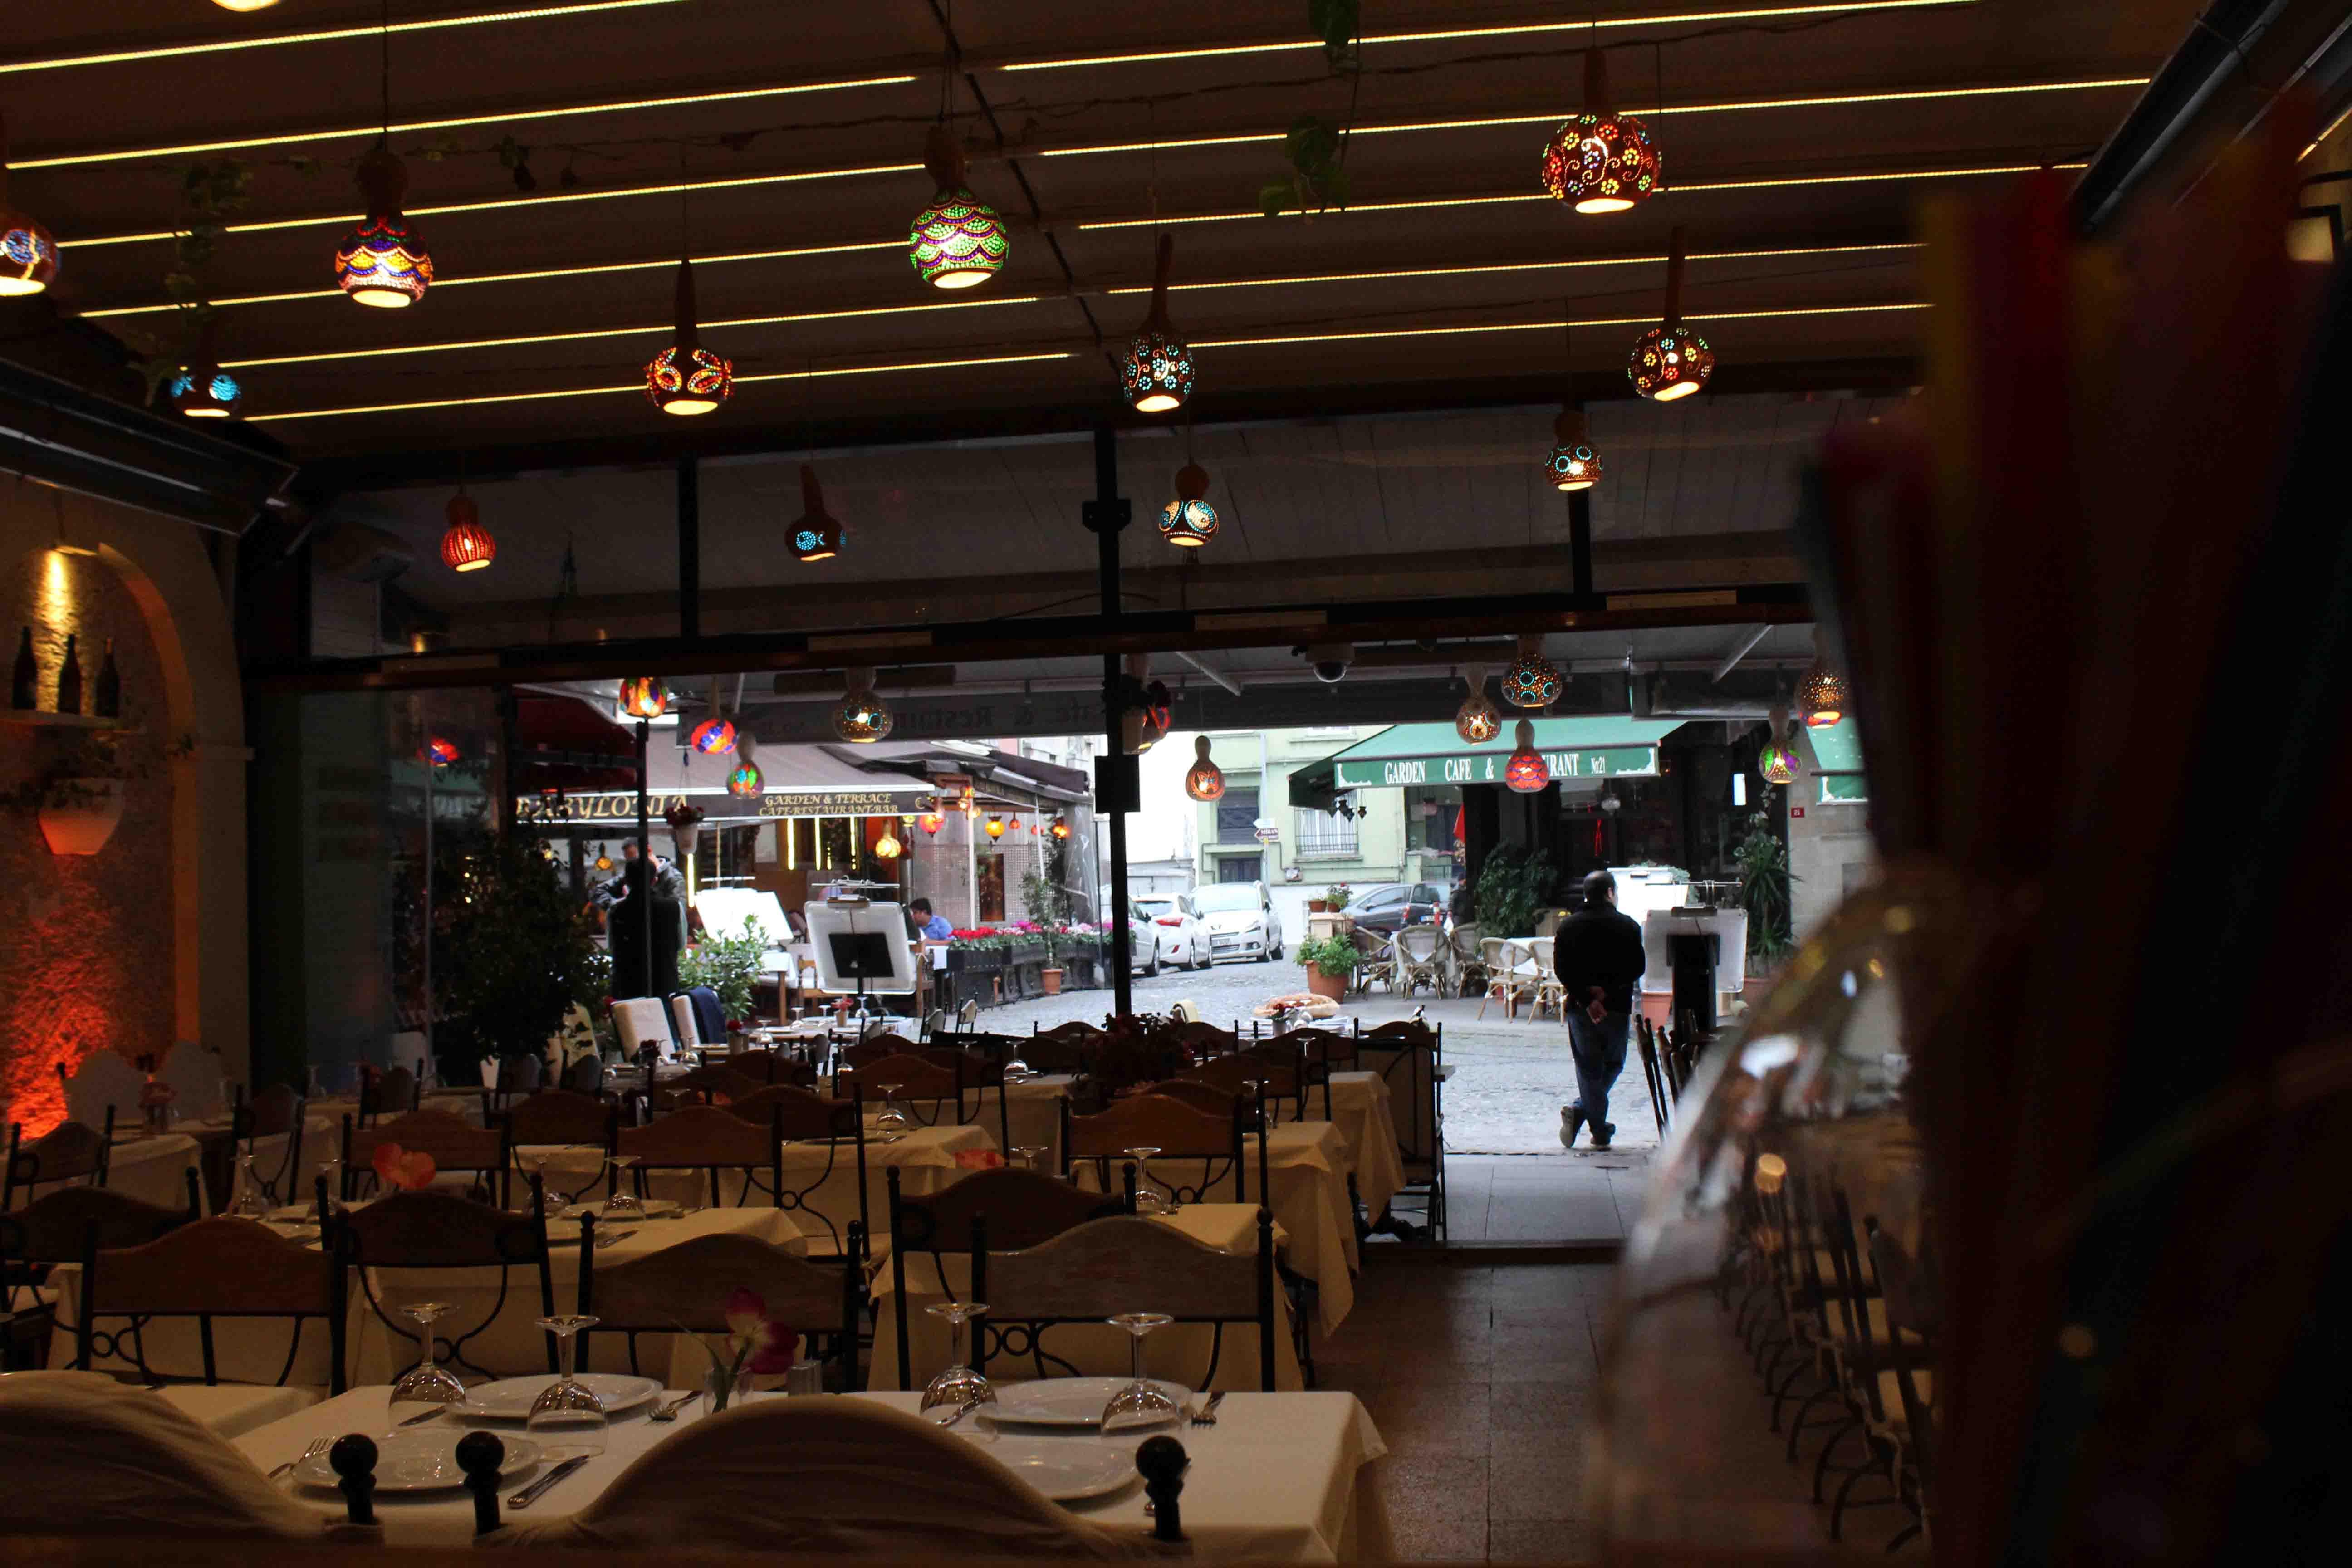 http://www.alburakathisma.com/images/galeri/orjinal/albura-Garden-104.jpg